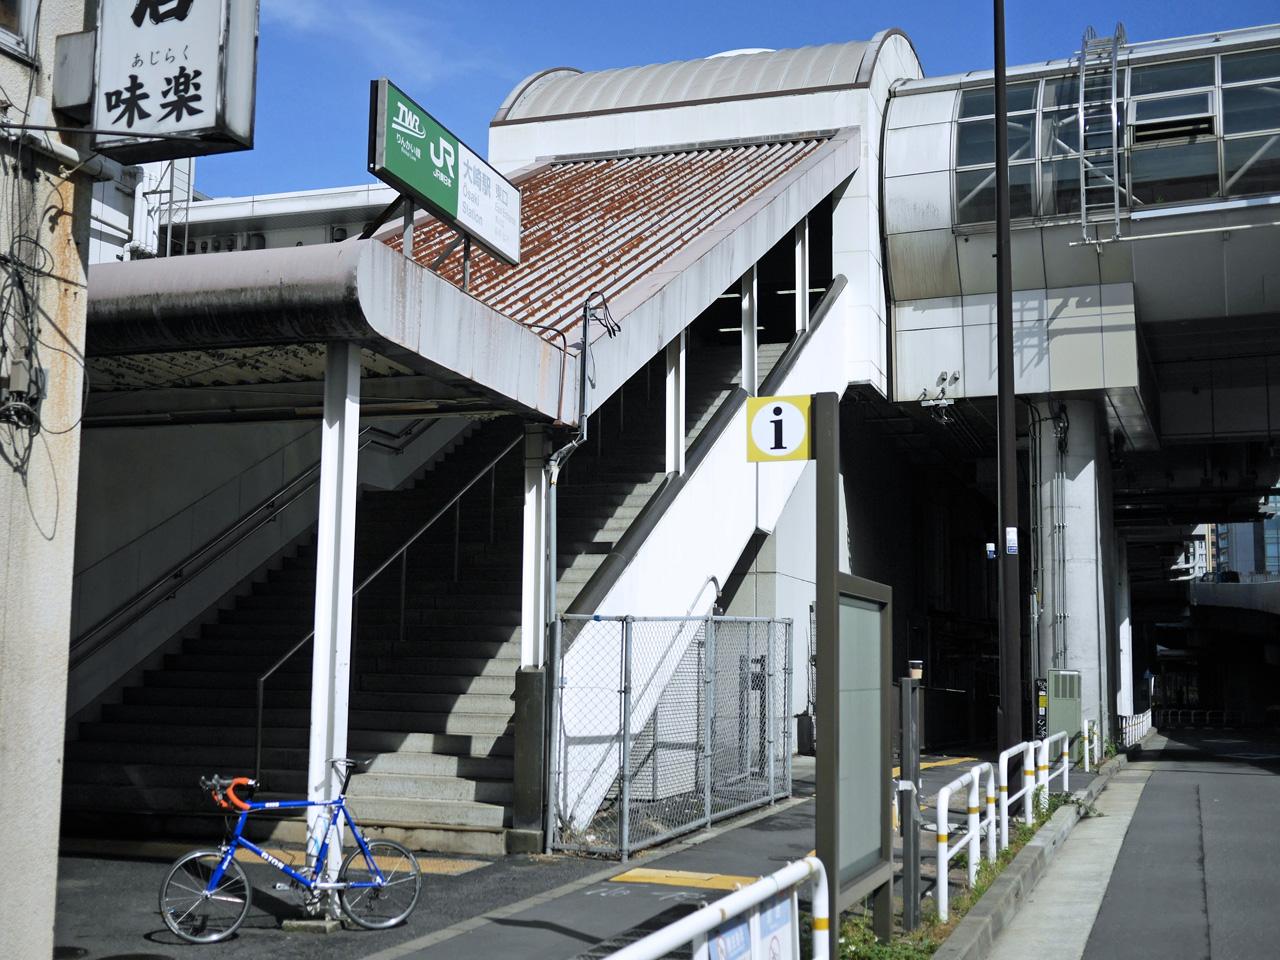 大崎駅東口が地味すぎる